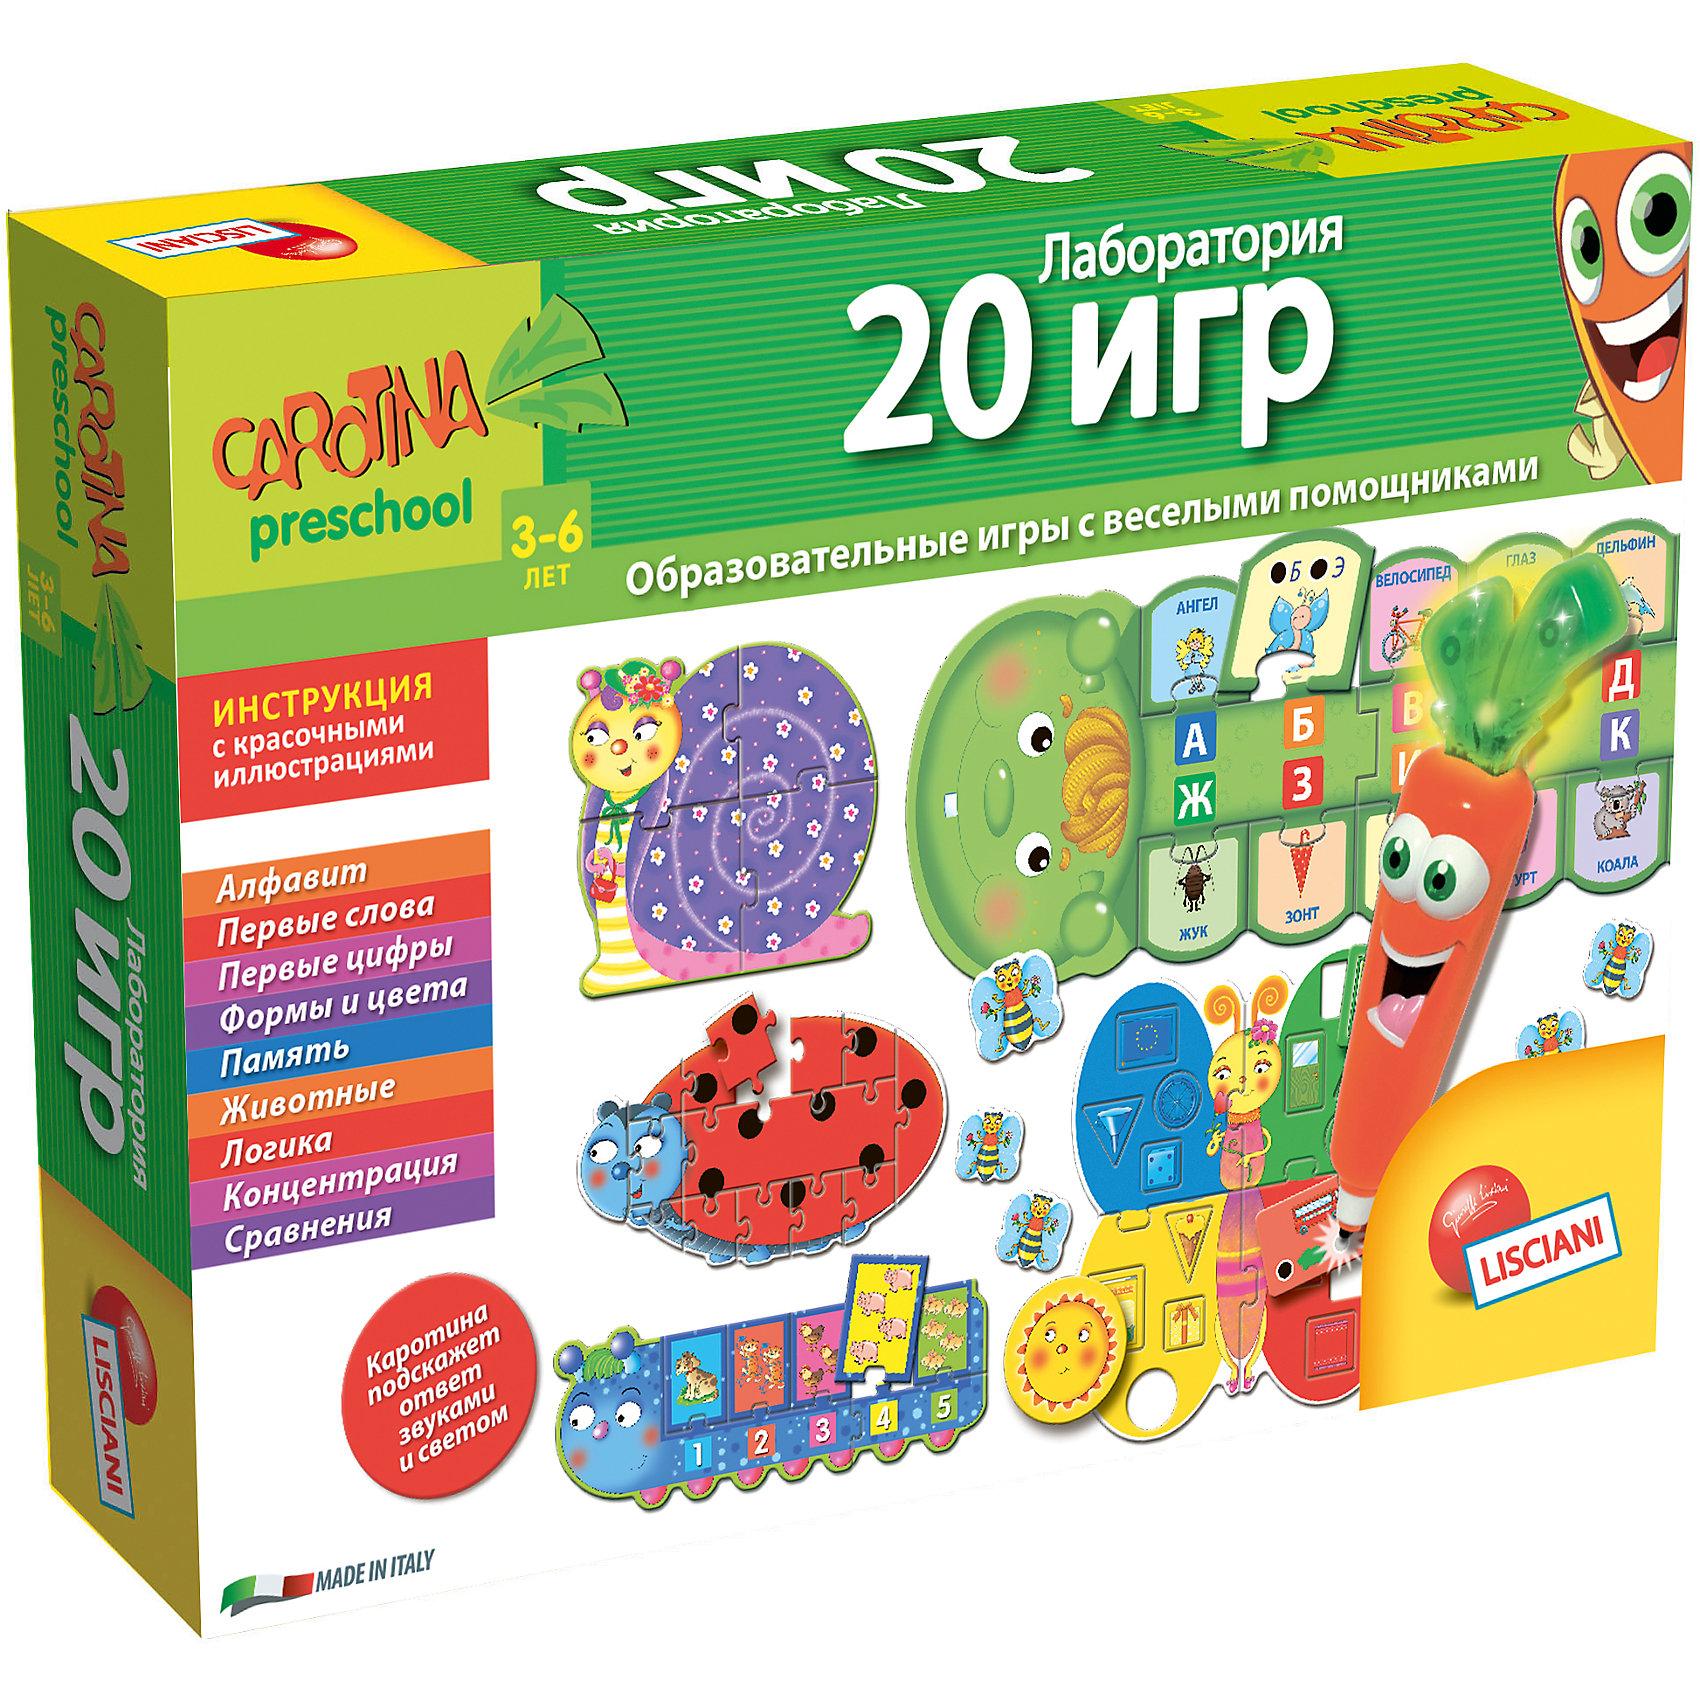 Обучающая игра Лаборатория 20 игр с интерактивной морковкой, LiscianiРазвивающие игры<br>Обучающая игра Лаборатория 20 игр с интерактивной морковкой, Lisciani<br><br>Характеристики:<br><br>• В набор входит: морковка, карточки (24 шт.), электронные цветы (3 шт.), алфавит, 3 пазла, инструкция<br>• Размер упаковки: 39,5х7х28 см.<br>• Элементы питания: батарейки (включены в набор)<br>• Состав: картон, пластик<br>• Вес: 1400 г.<br>• Для детей в возрасте: от 3 до 6 лет<br>• Страна производитель: Италия<br><br>В этот большой набор вошли игры и задания с электронной морковкой, которая говорит и светится. С помощью морковки ребёнку нужно отмечать правильны варианты в электронных карточках и алфивите, обучаясь в таком ключе ребёнок развлекается. <br><br>С помощью этого набора игр дети смогут выучить формы и цвета, цифры, азбуку, обучатся основам логики, расширят словарный запас, научатся читать свои первые слова, разовьют память. Включены также игры, которые помогут начать изучать английский язык. С таким набором ребёнку будут по плечу все необходимые начальные навыки в непринуждённой и весёлой обстановке.<br><br>Обучающую игру Лаборатория 20 игр с интерактивной морковкой, Lisciani можно купить в нашем интернет-магазине.<br><br>Ширина мм: 395<br>Глубина мм: 282<br>Высота мм: 70<br>Вес г: 1418<br>Возраст от месяцев: 36<br>Возраст до месяцев: 2147483647<br>Пол: Унисекс<br>Возраст: Детский<br>SKU: 5522897